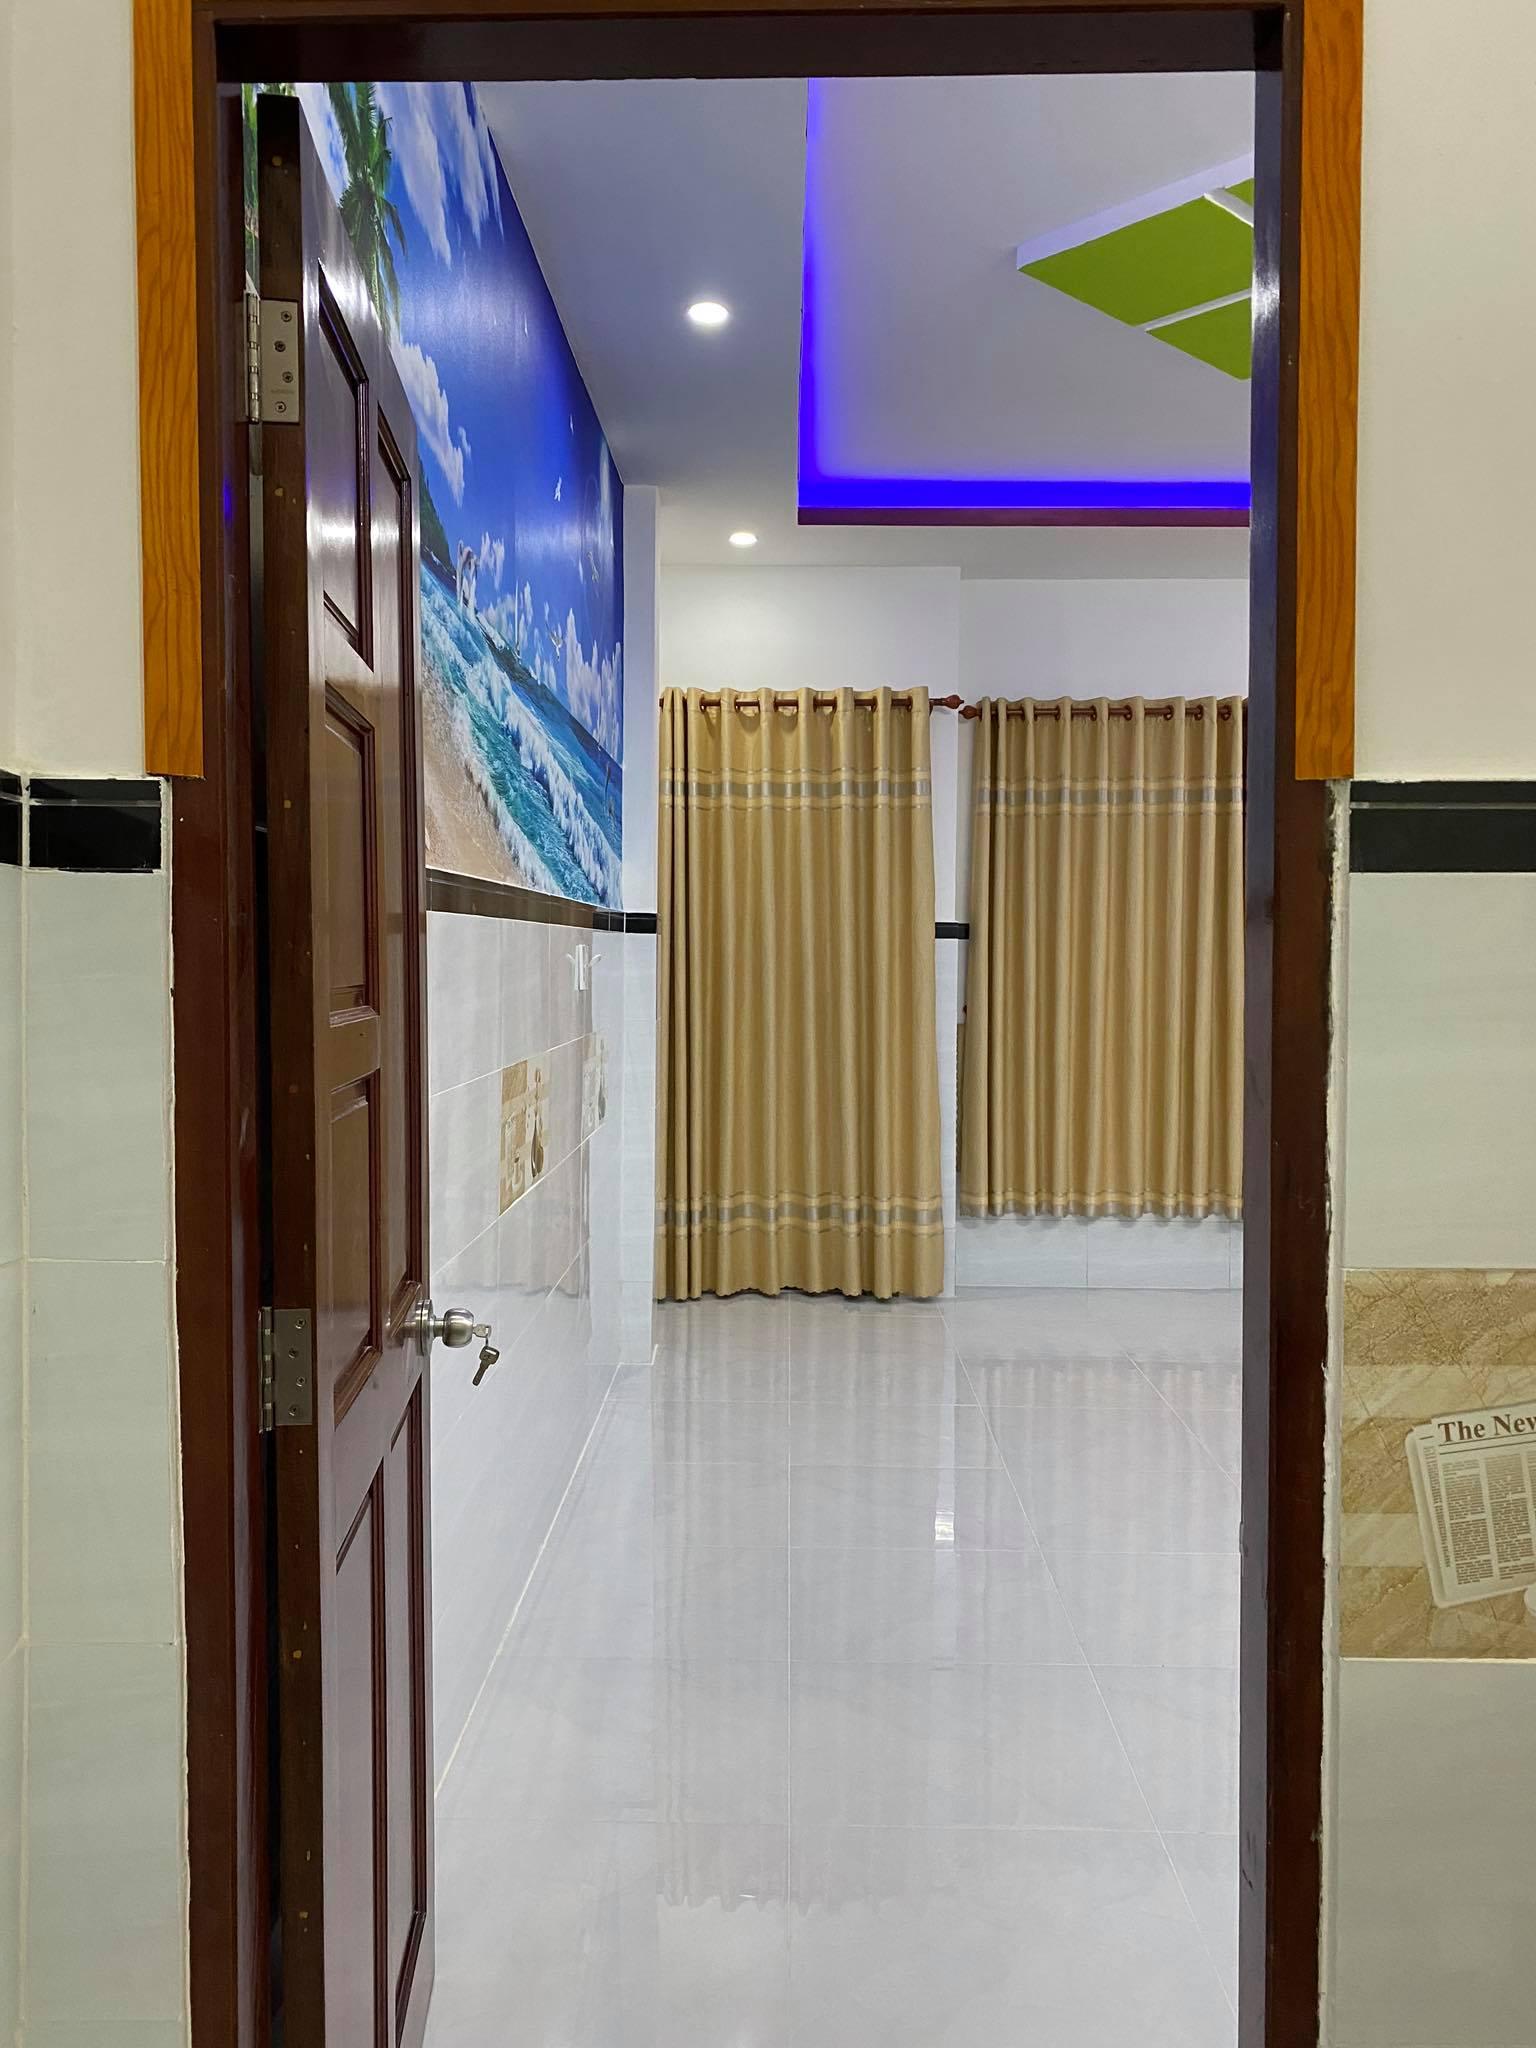 Bán nhà hẻm 33 Đường số 16A khu phố 8 phường Bình Hưng Hòa A quận Bình Tân